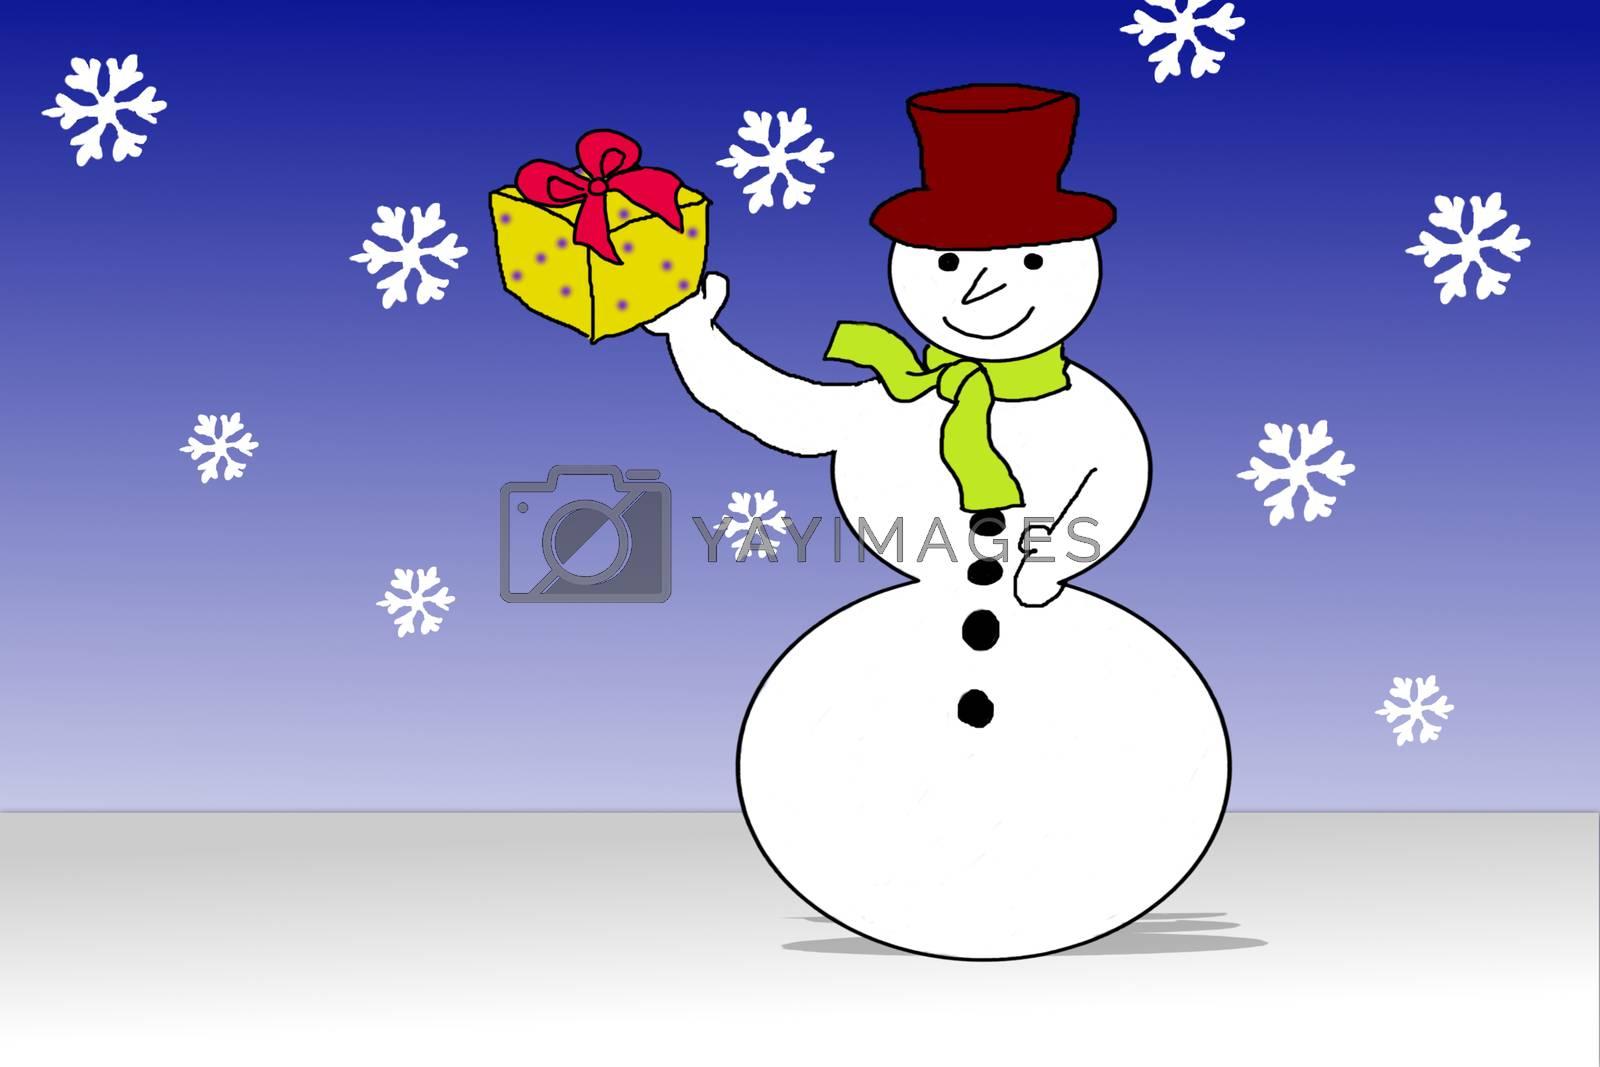 Santas snowman with Christmas gift